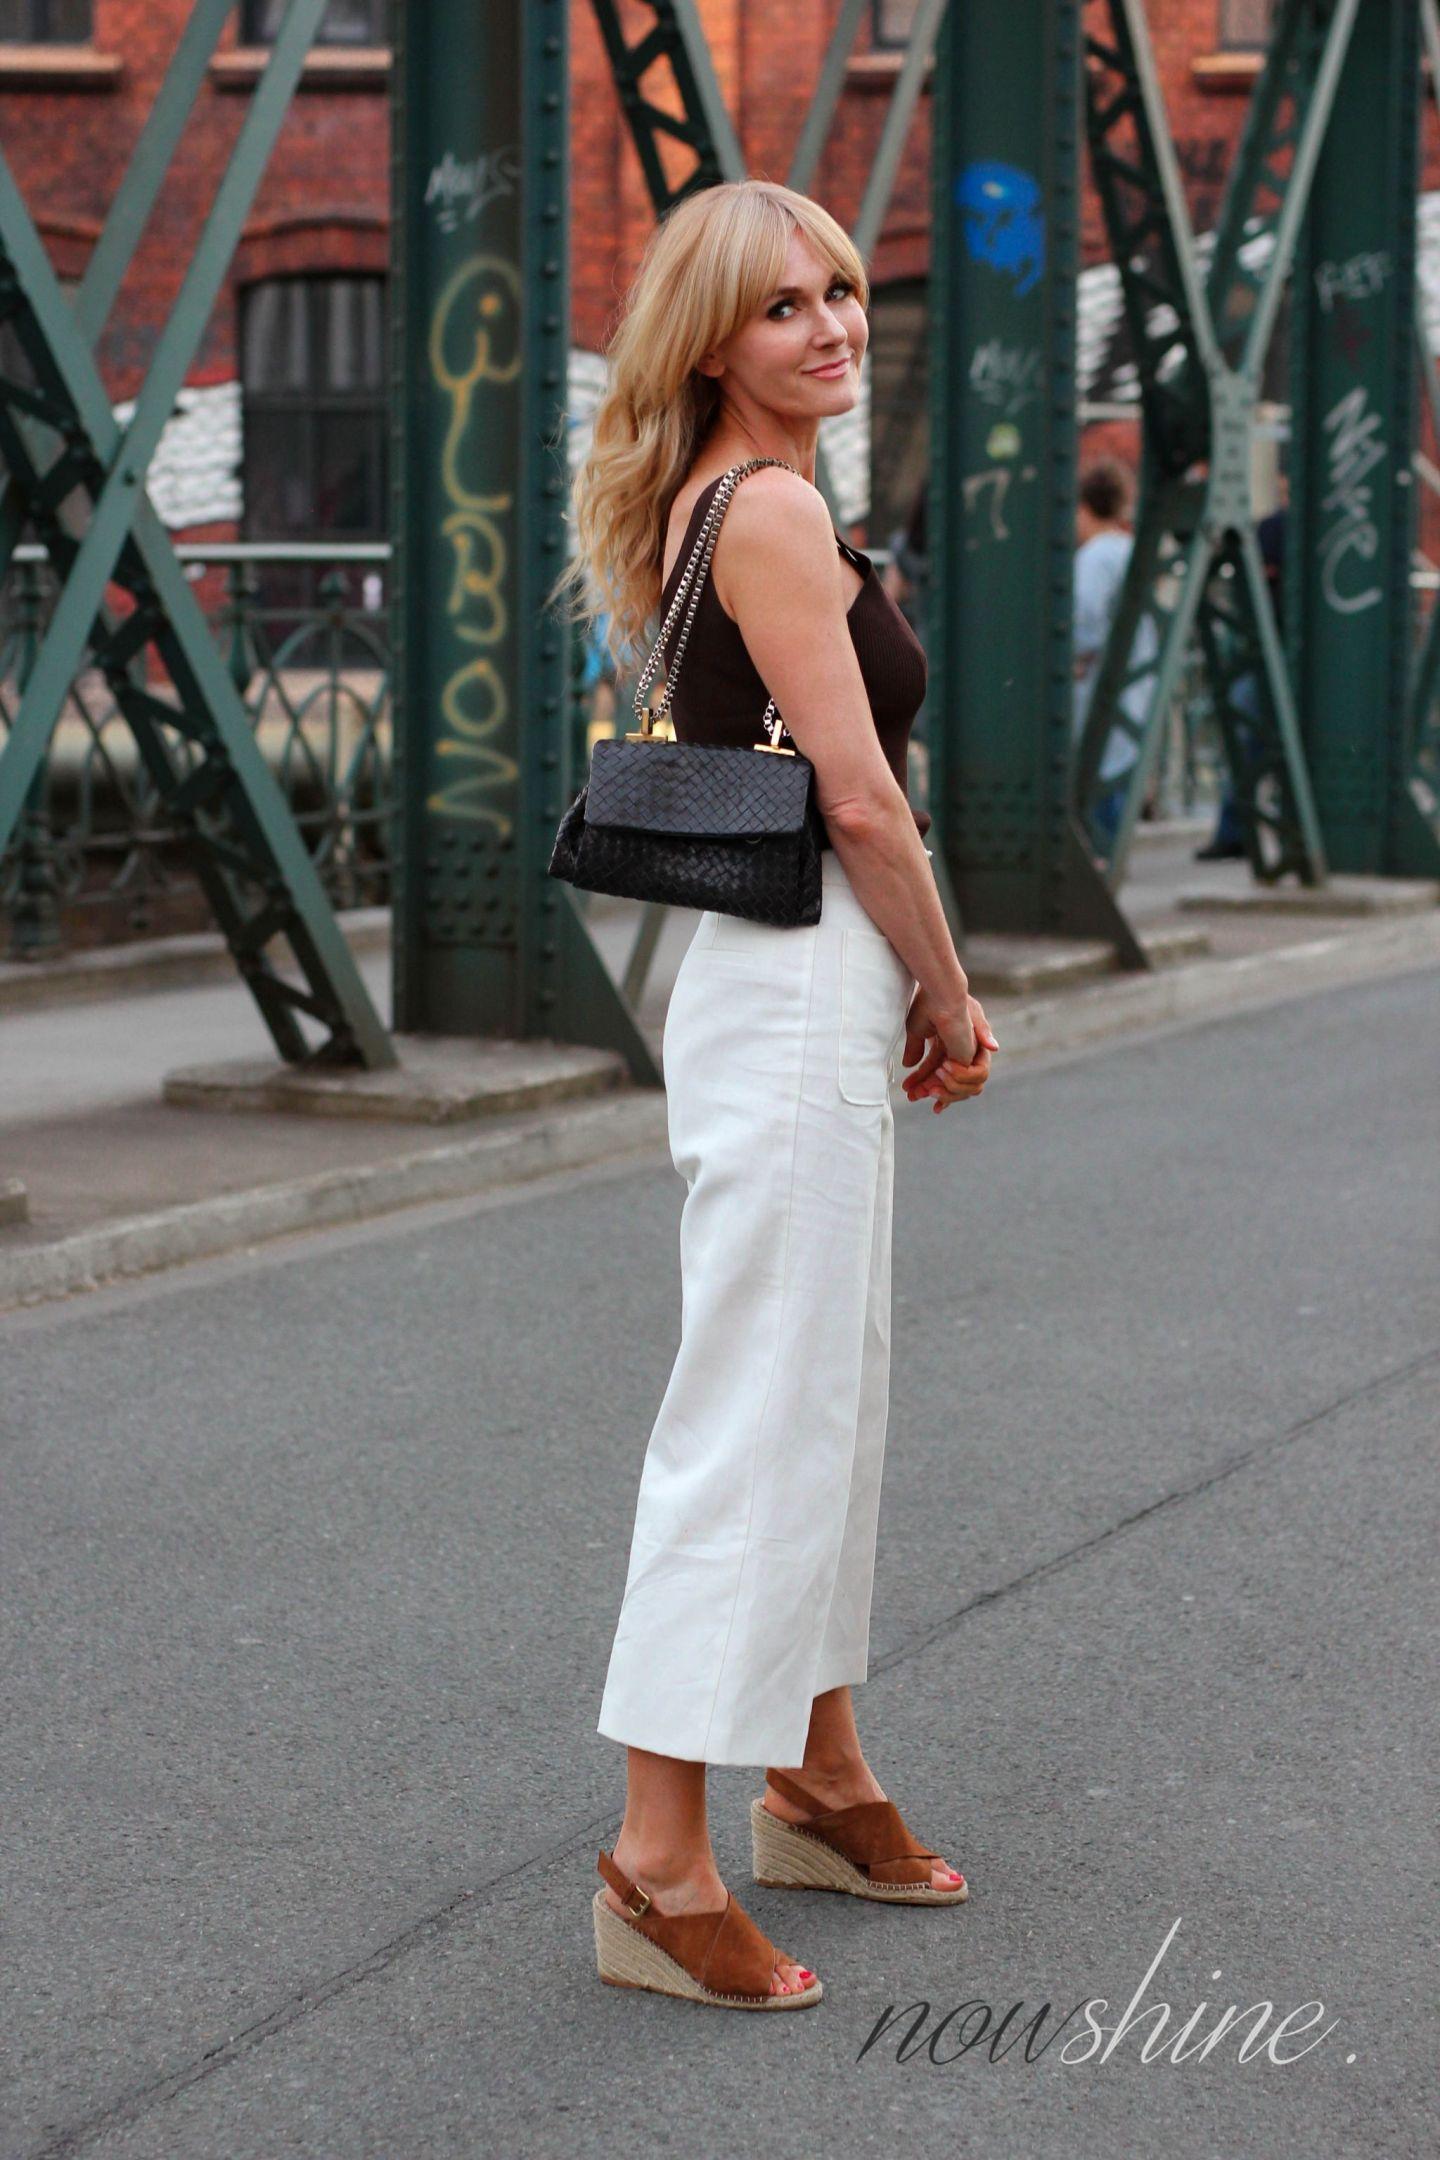 H&M Premium Sandalen mit Keilabsatz in Cognac - Nowshine ü40 Fashion Blog